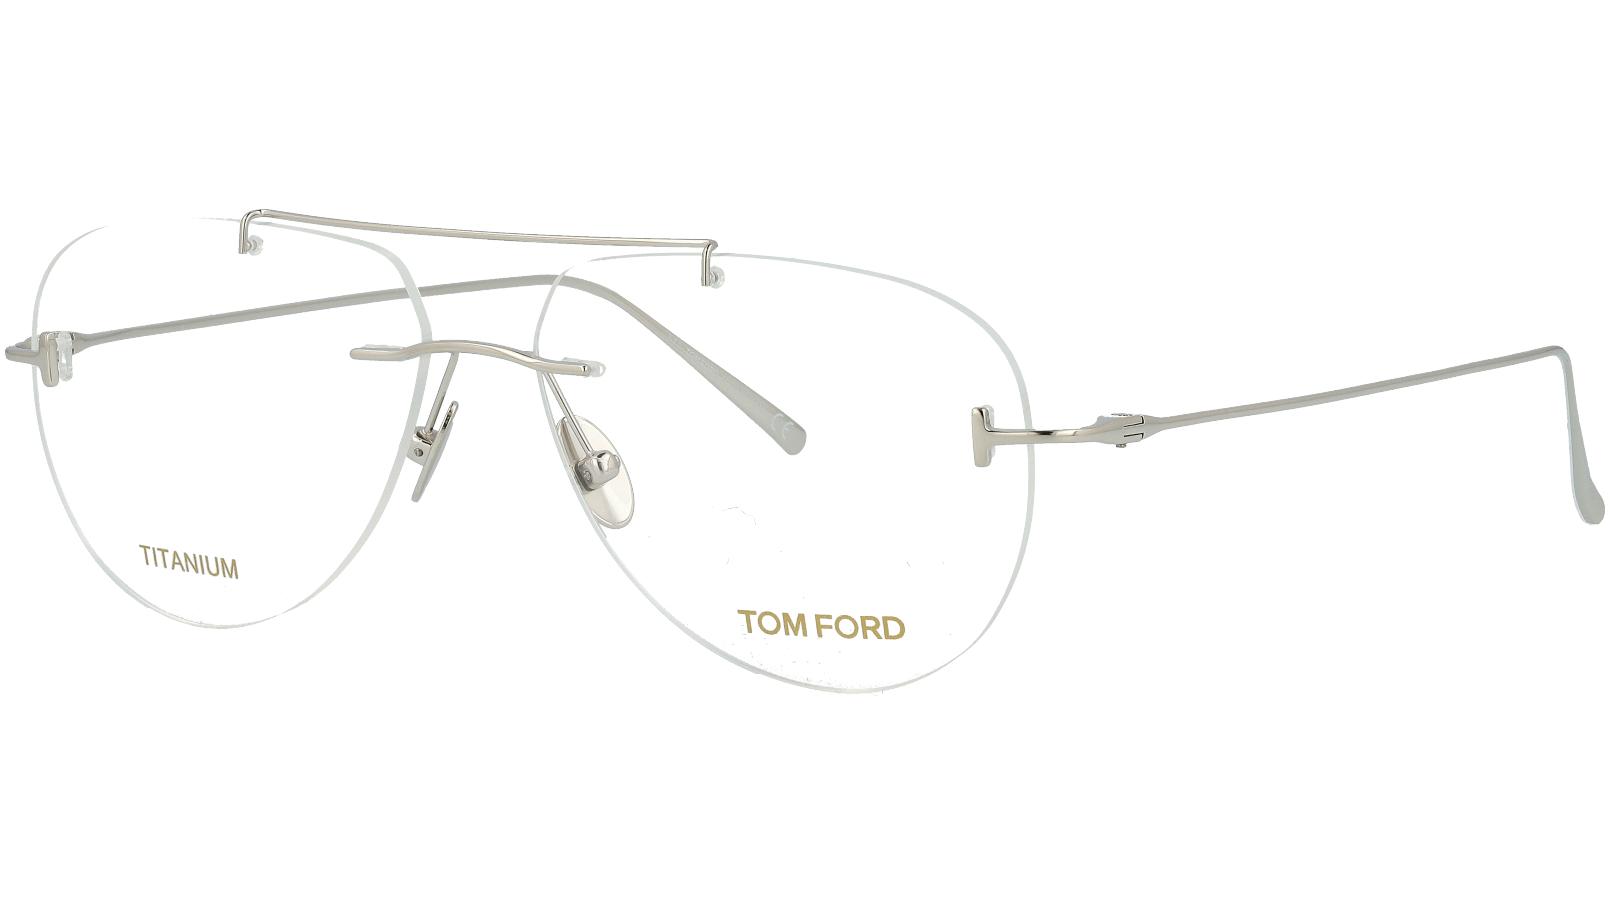 Tom Ford TF5679 018 56 SHINY Titanium Glasses